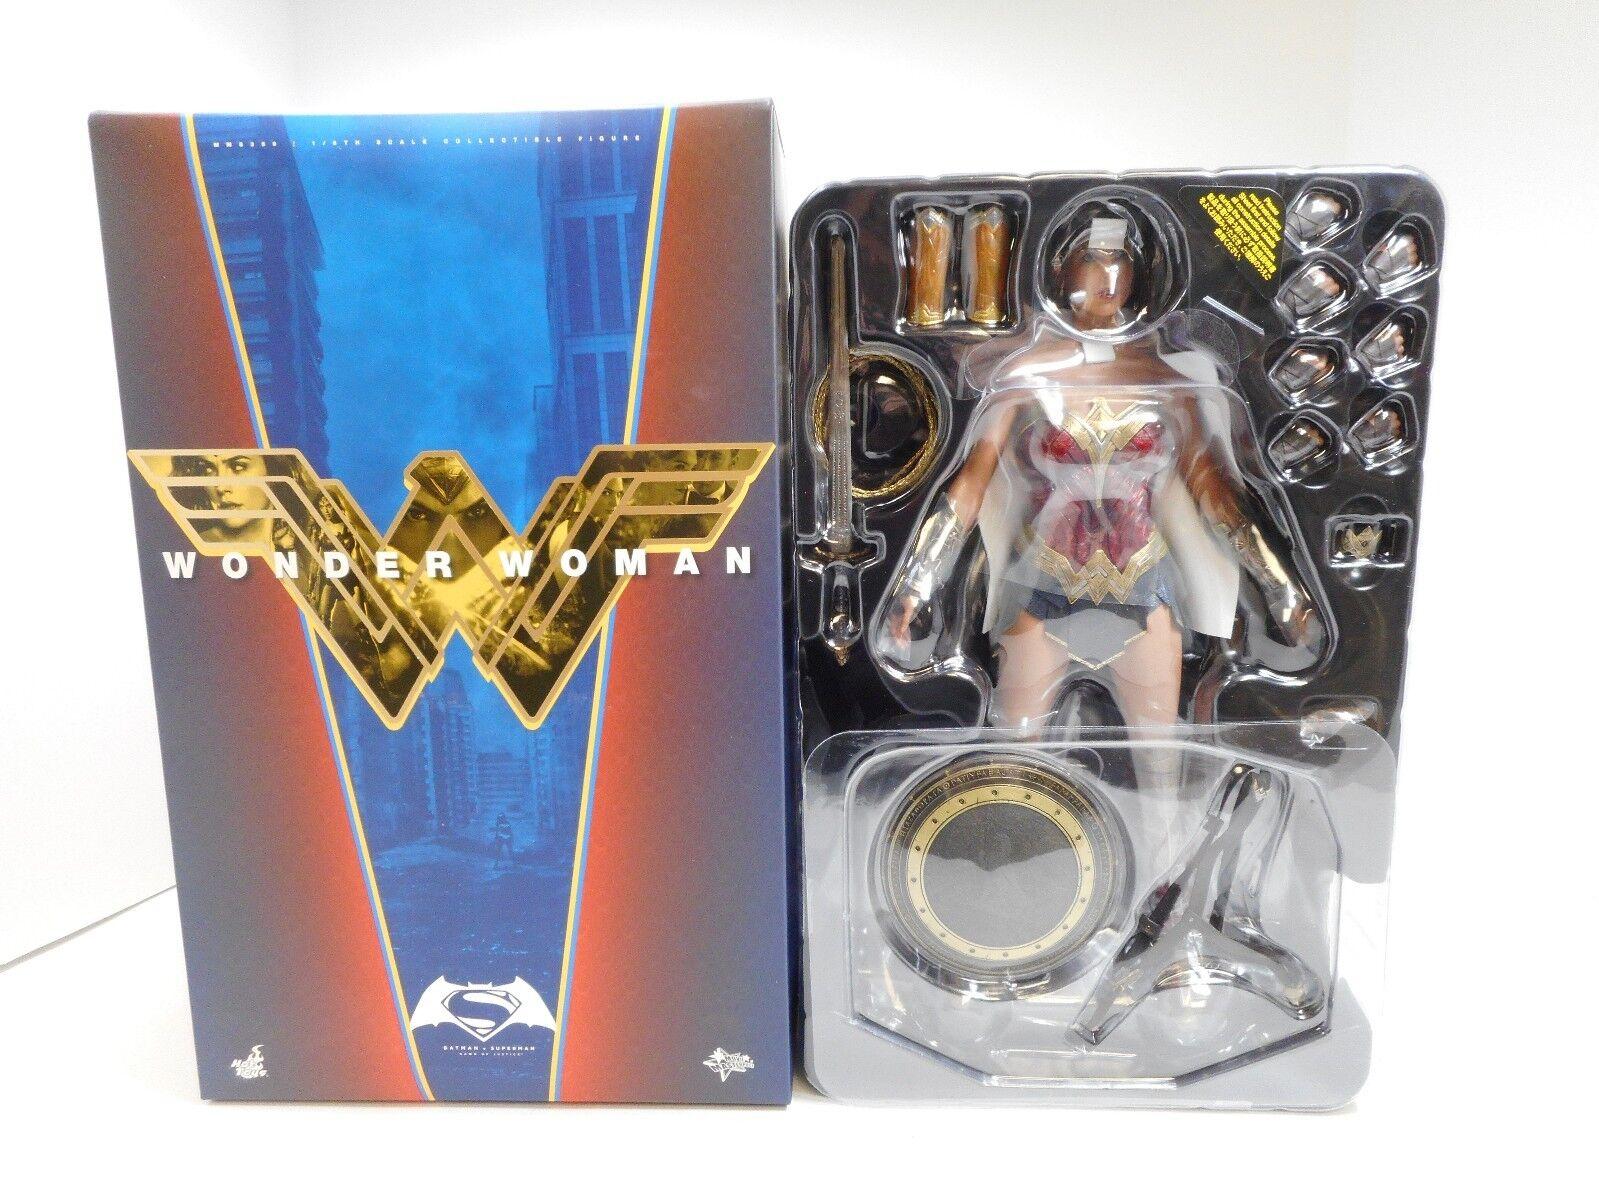 HOT TOYS BATMAN VS SUPERMAN WONDER WOMAN 1 6 SCALE ACTION FIGURE MMS359 SIDESHOW